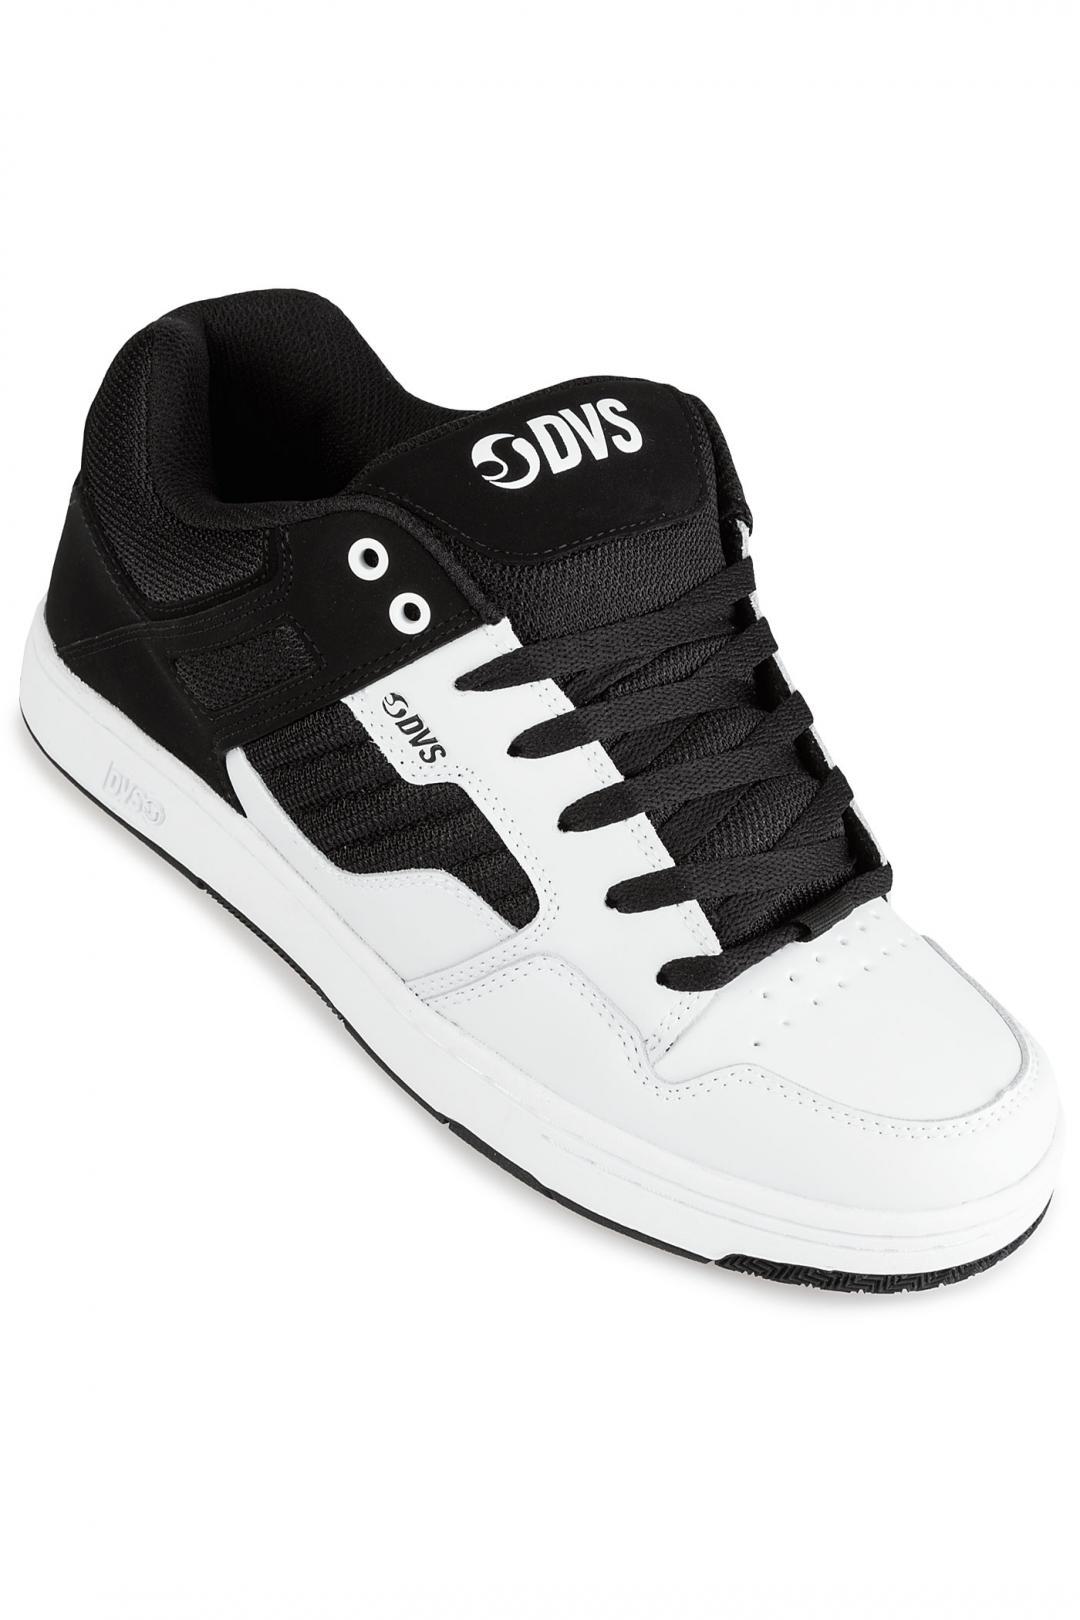 Uomo DVS Enduro 125 white black leather   Sneakers low top